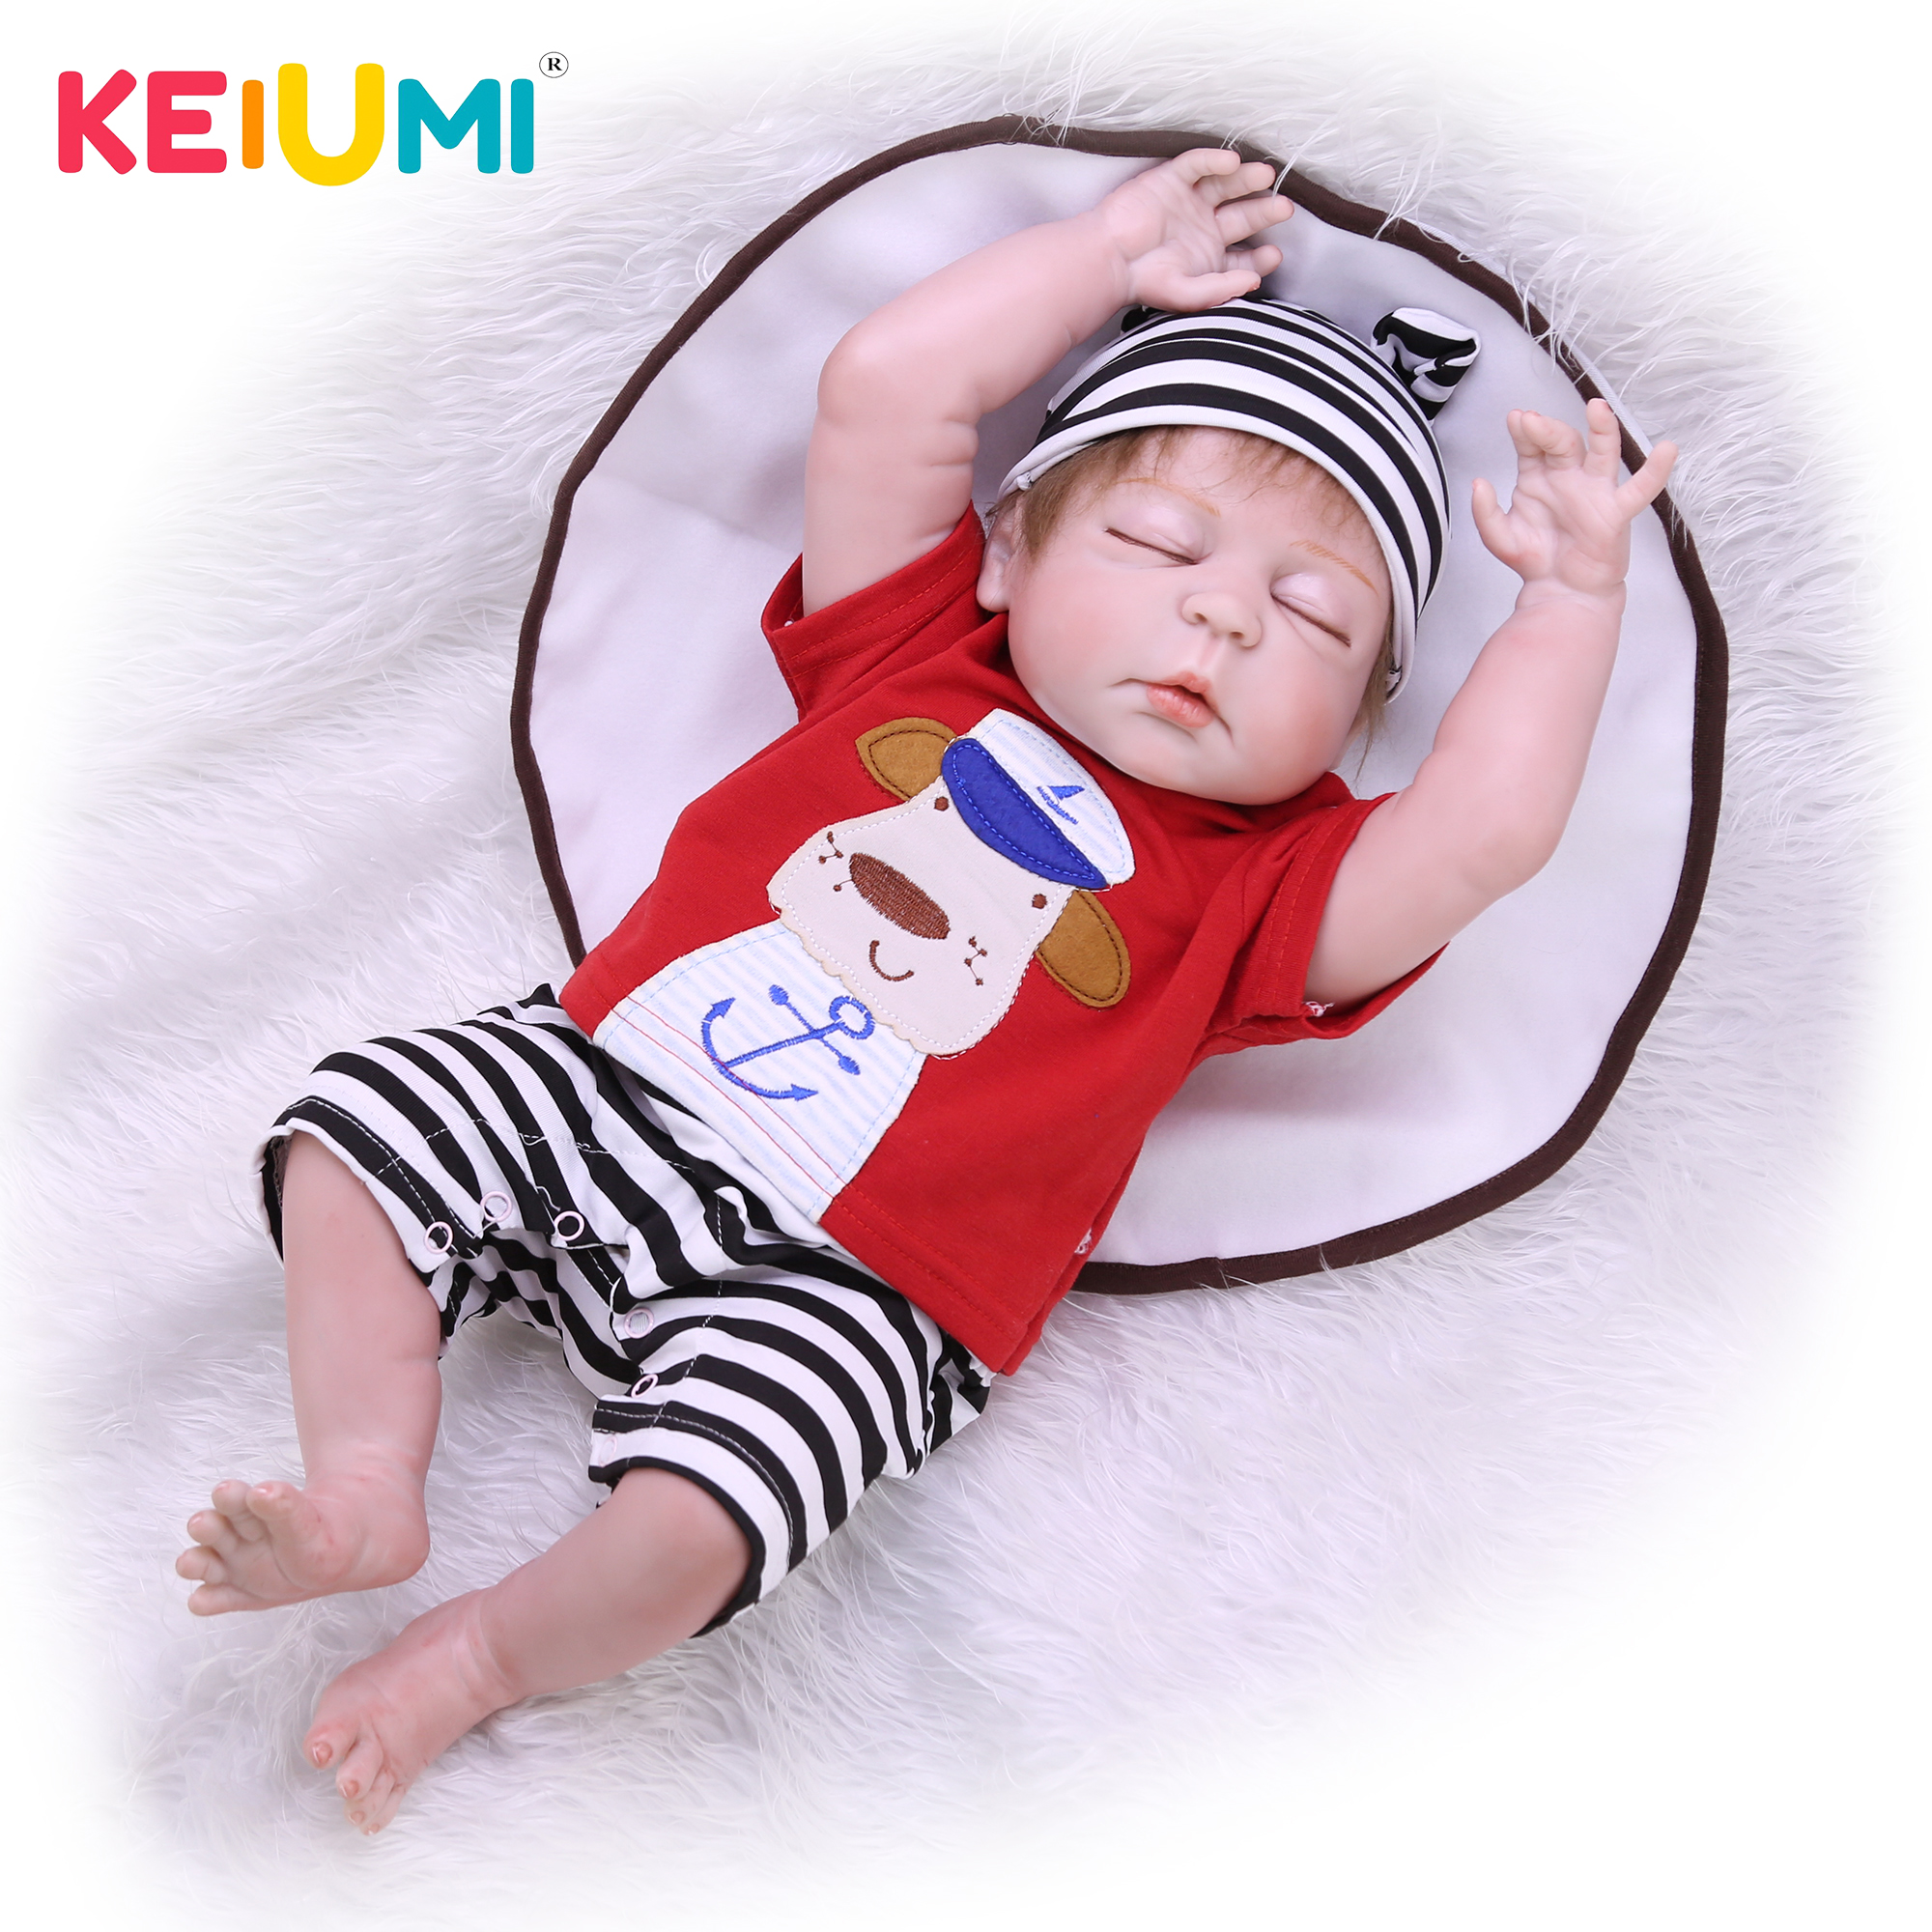 Oyuncaklar ve Hobi Ürünleri'ten Bebekler'de 23 inç Gerçekçi Reborn Bebekler Bebek Tam Silikon Vücut Vinil Gerçekçi Canlı Erkek Bebek Bebek Kapalı Gözler Çocuklar Için Doğum Günü hediyeler'da  Grup 1